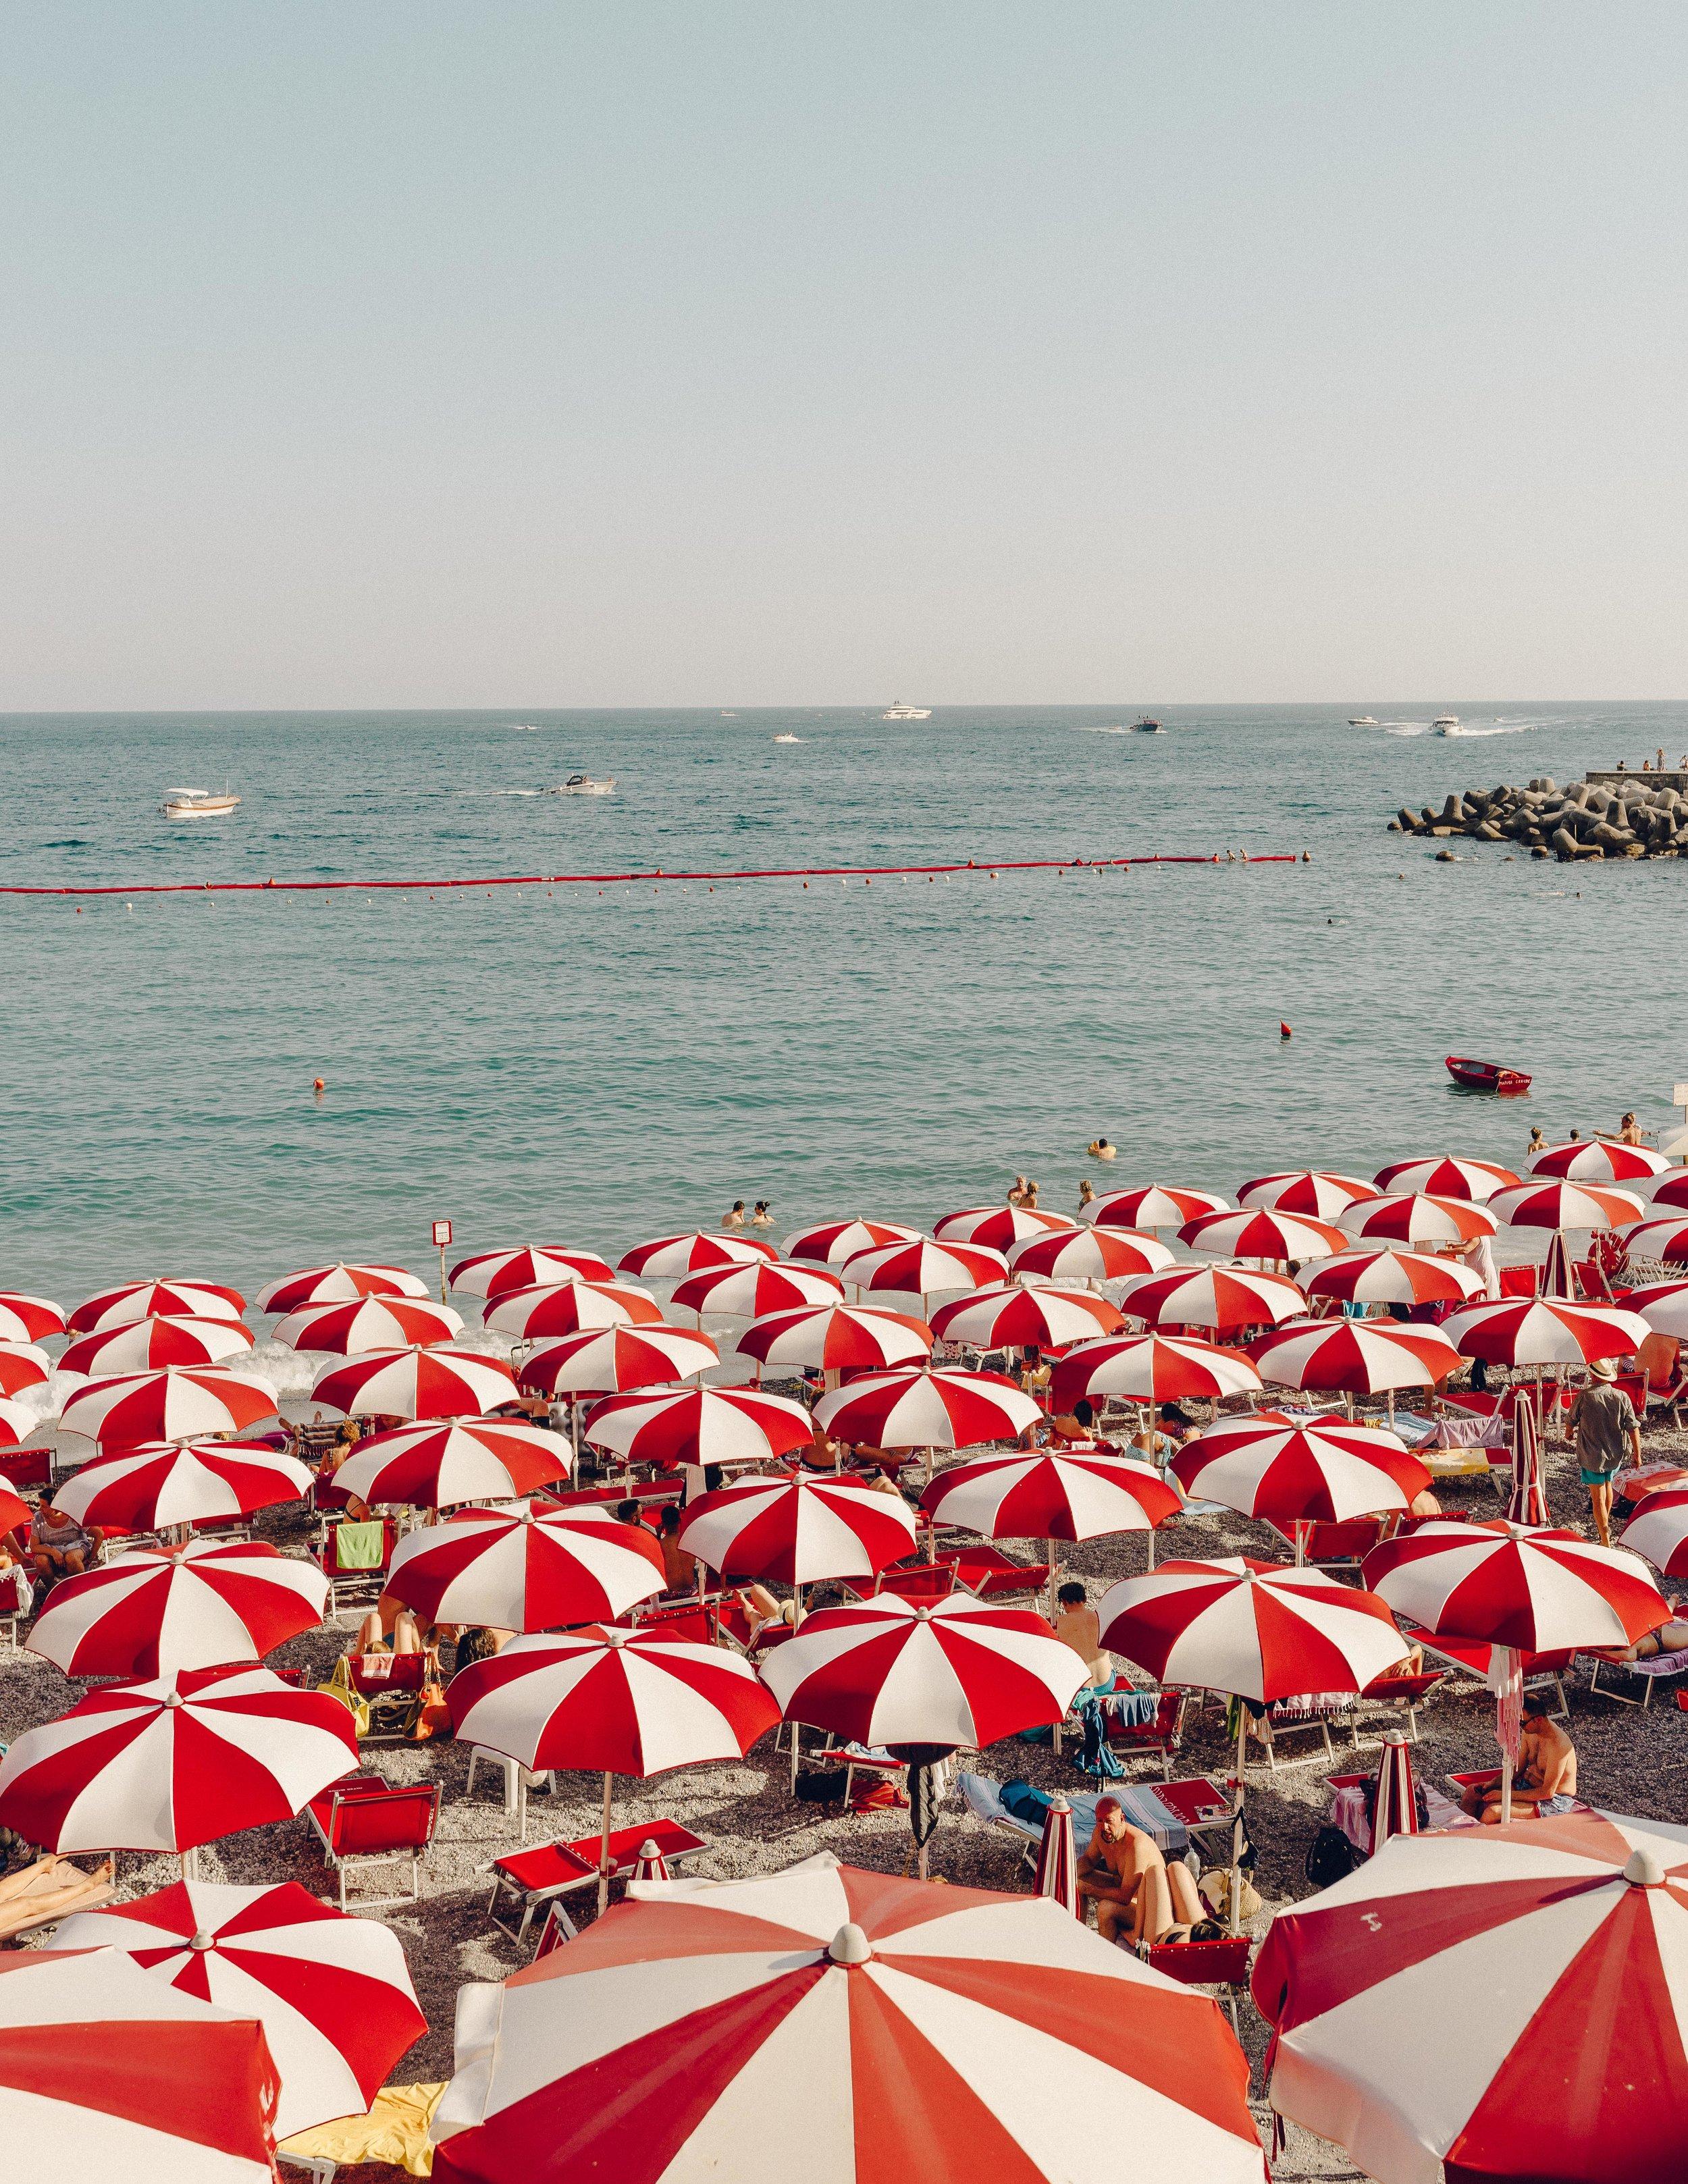 ASROSENVINGE_Roadtrip_Italy_Amalfi-07524.jpg